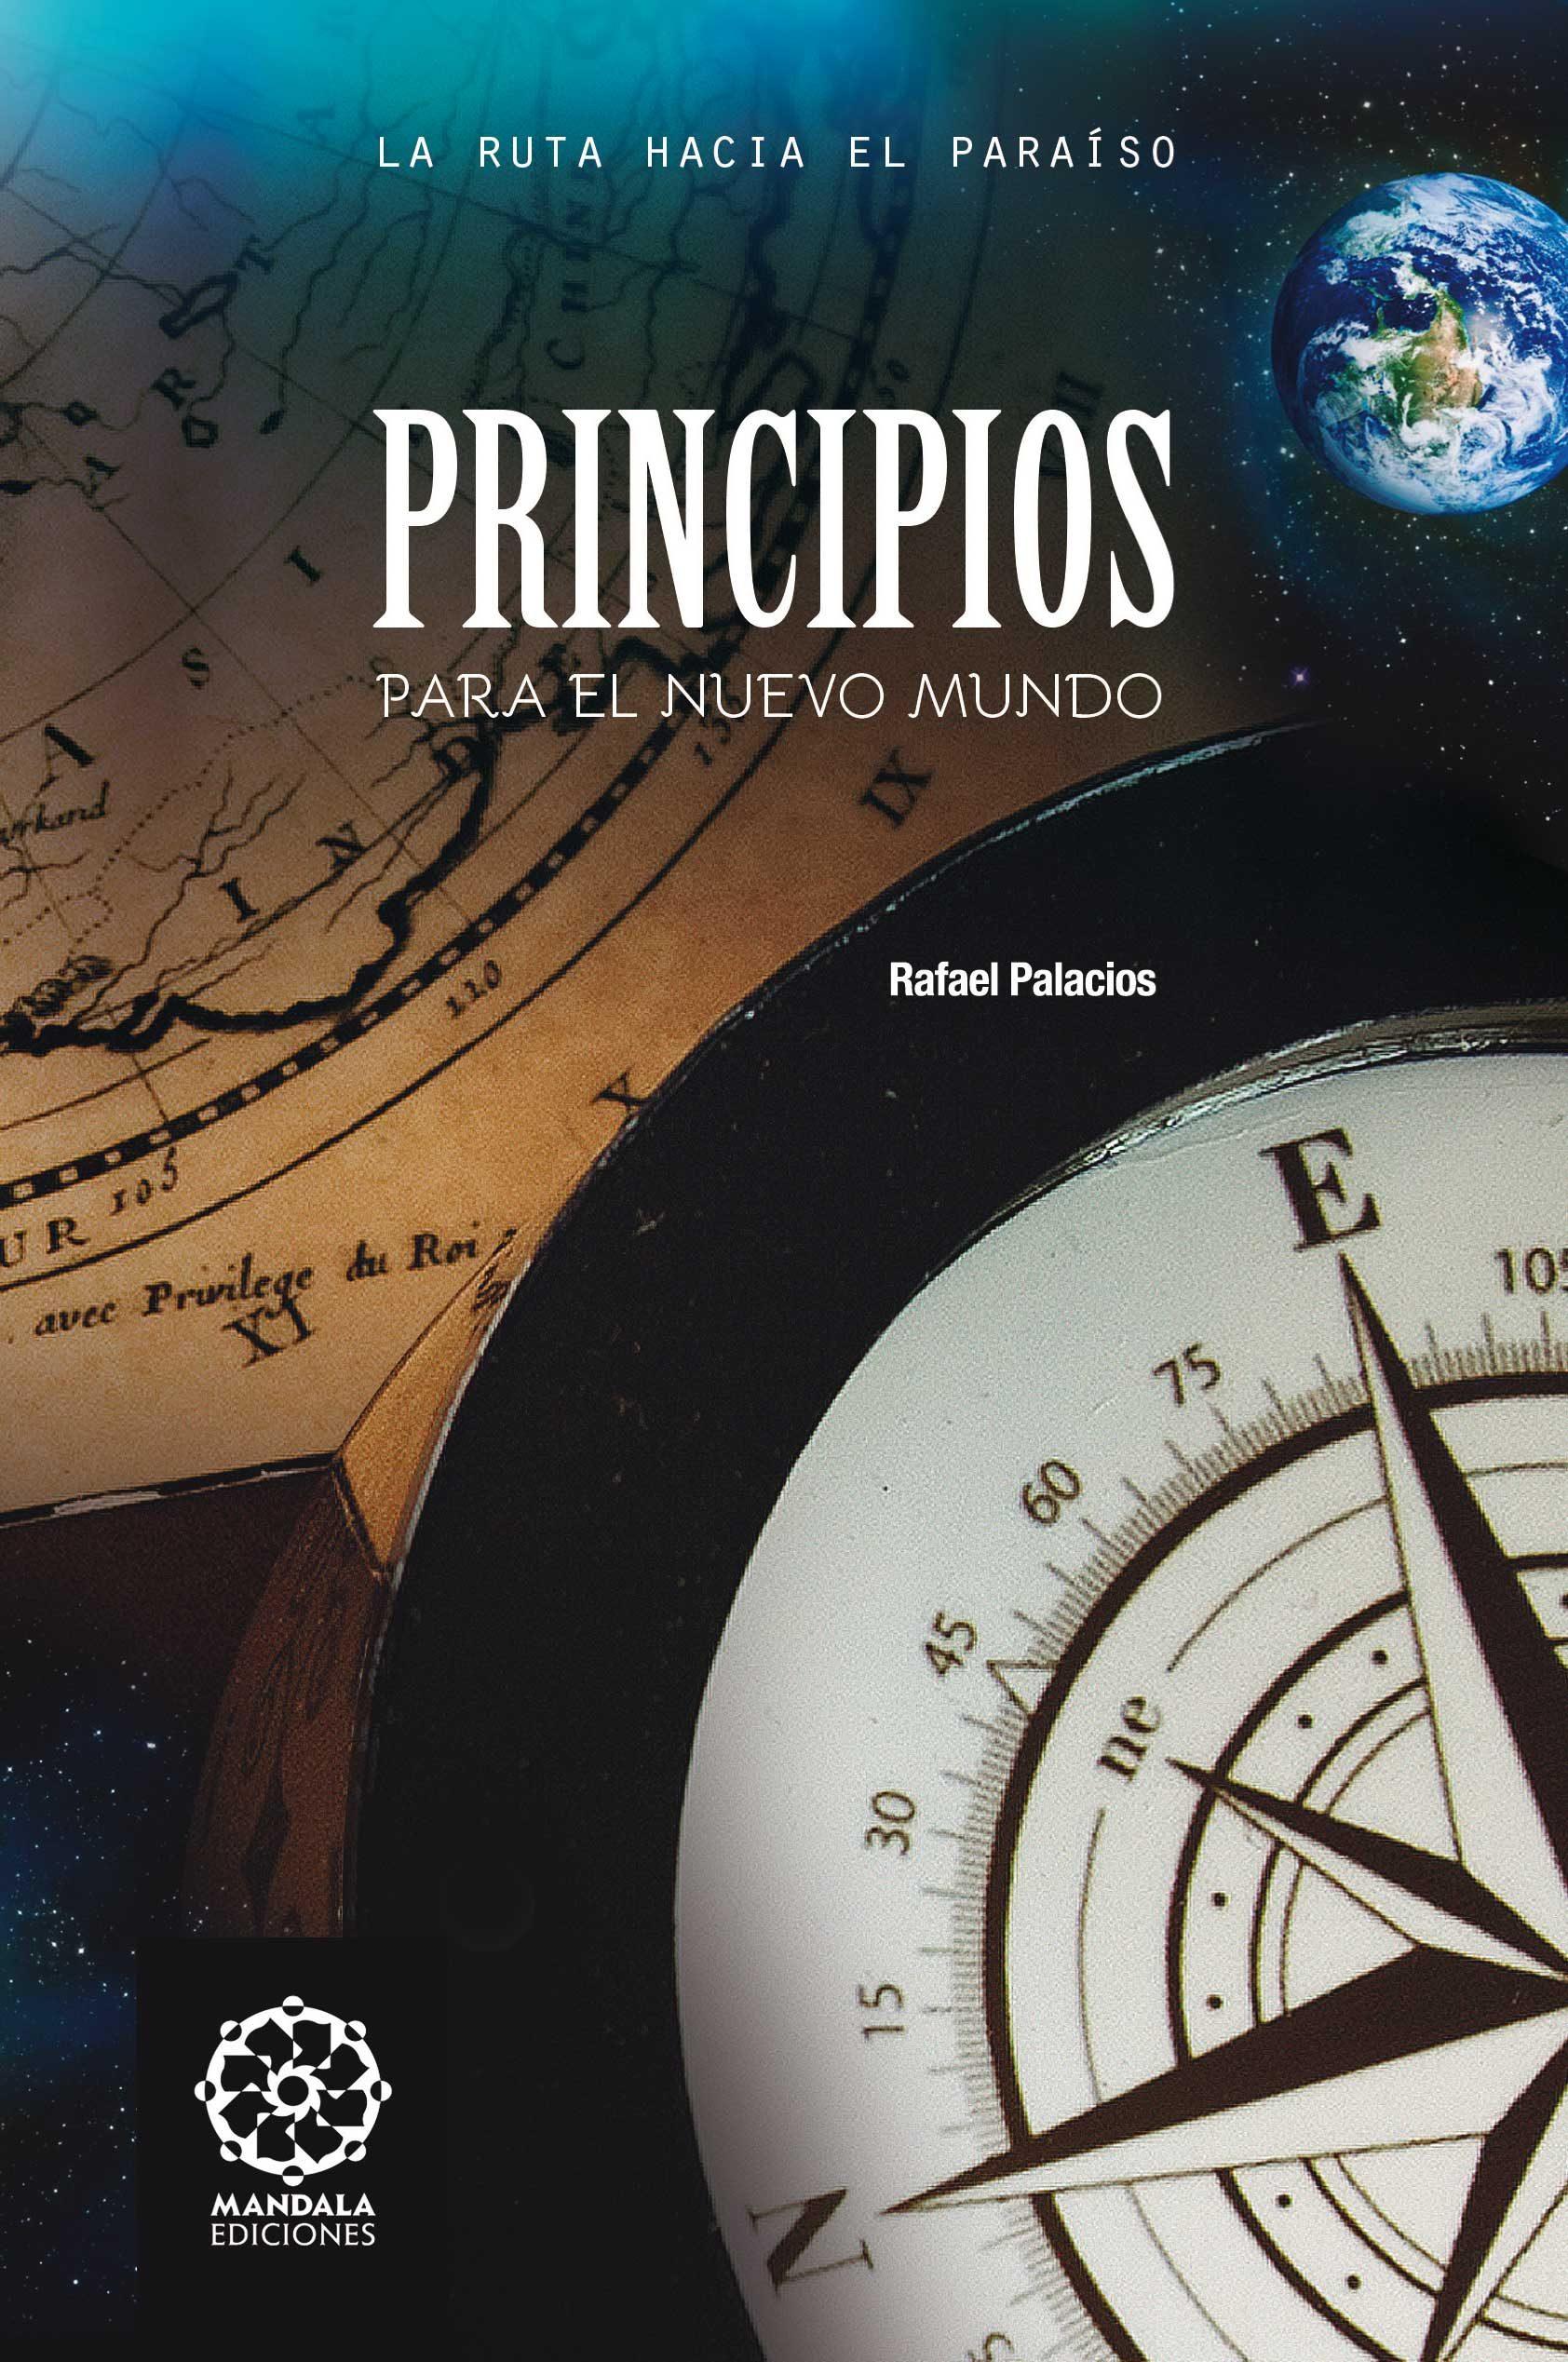 Principios del nuevo mundo rafael palacios lopez comprar libro principios del nuevo mundo rafael palacios lopez 9788483529966 fandeluxe Choice Image